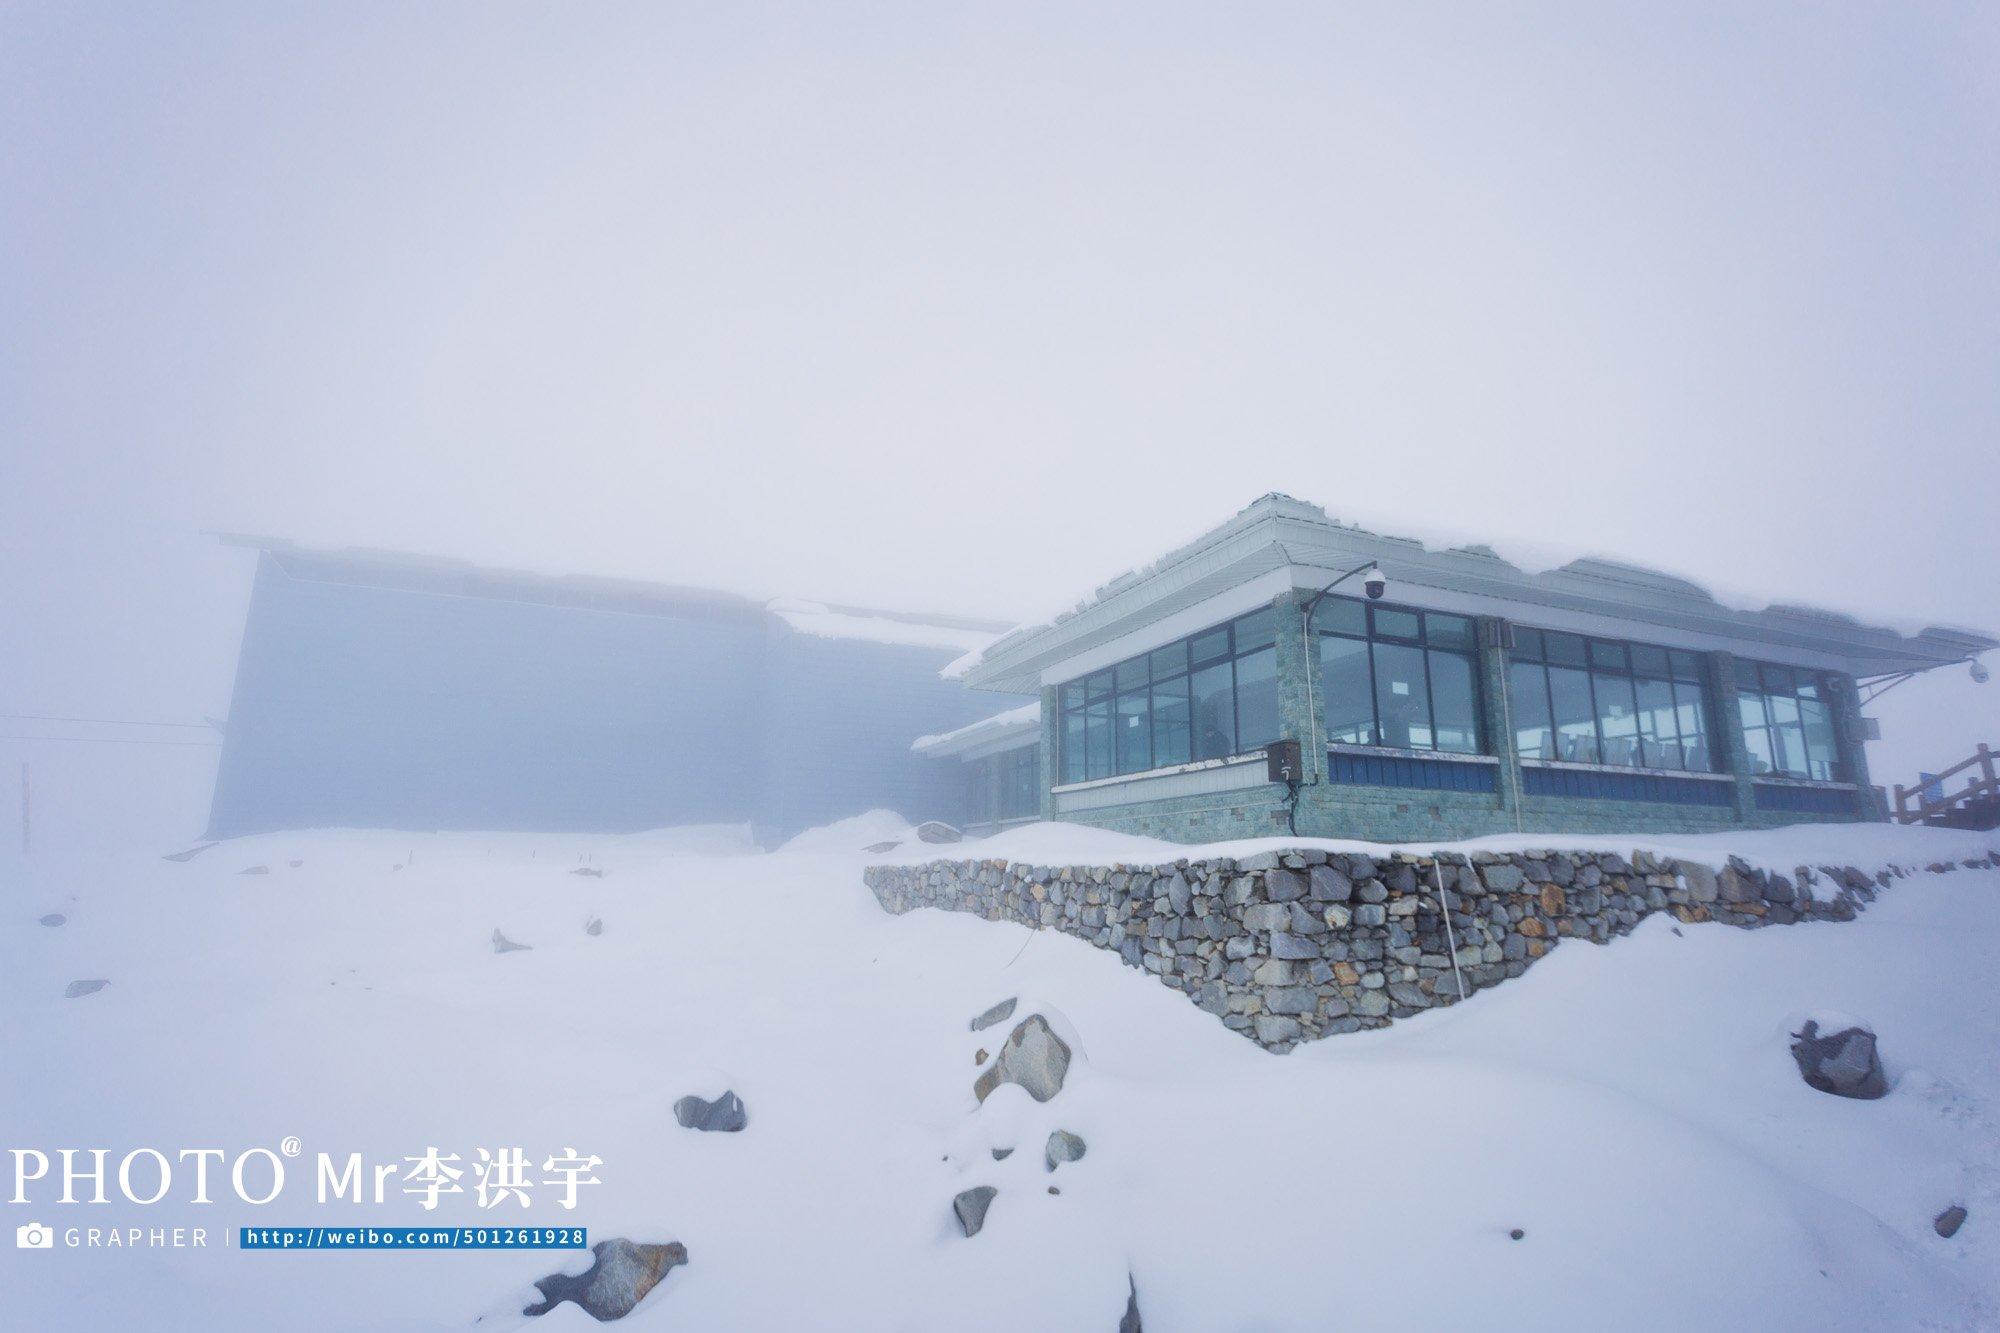 2019达古冰山密室地质游玩攻略,沿途的自然风公园逃脱21攻略羽毛的位置图片